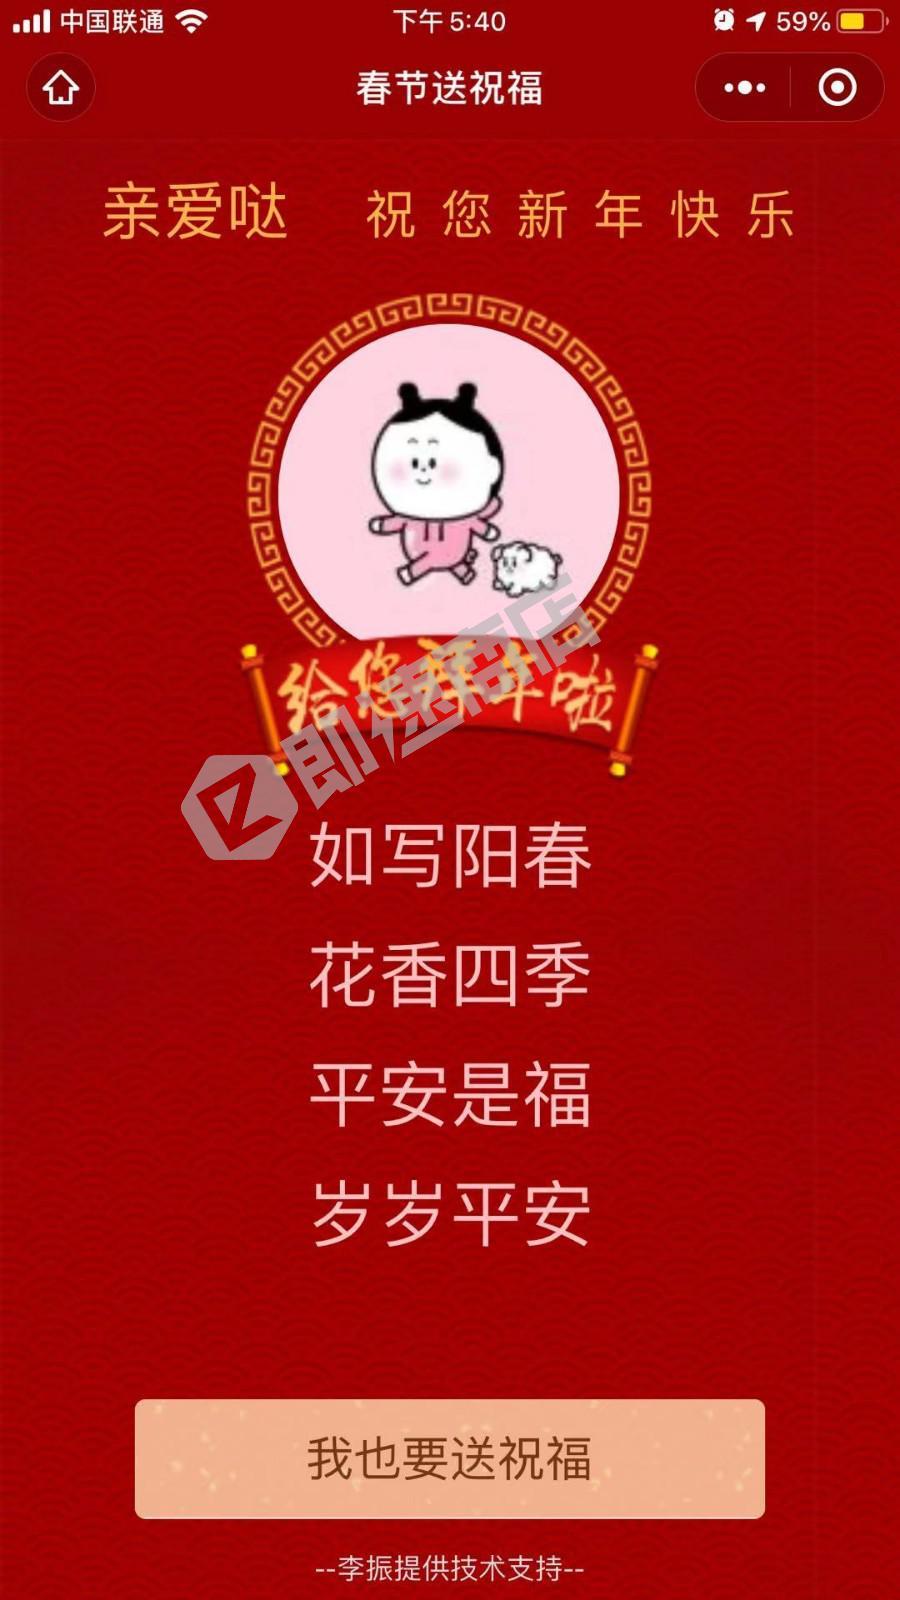 春节送祝福卡小程序首页截图